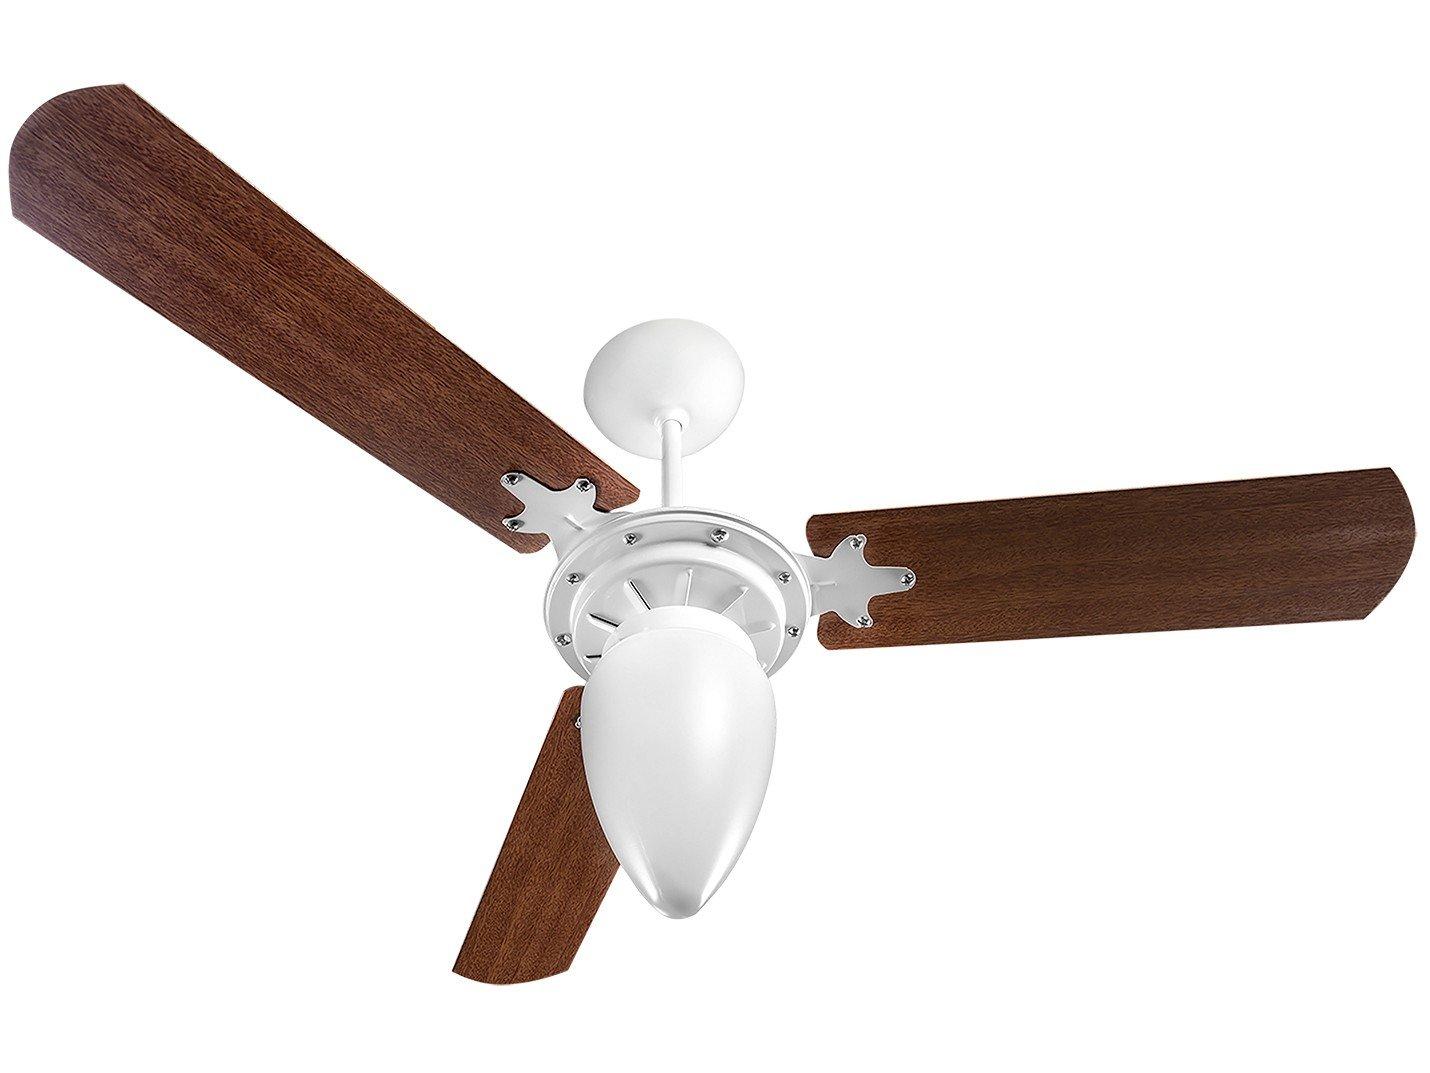 Ventilador de Teto Ventisol Wind 96cm - 3 Velocidades - 220 V